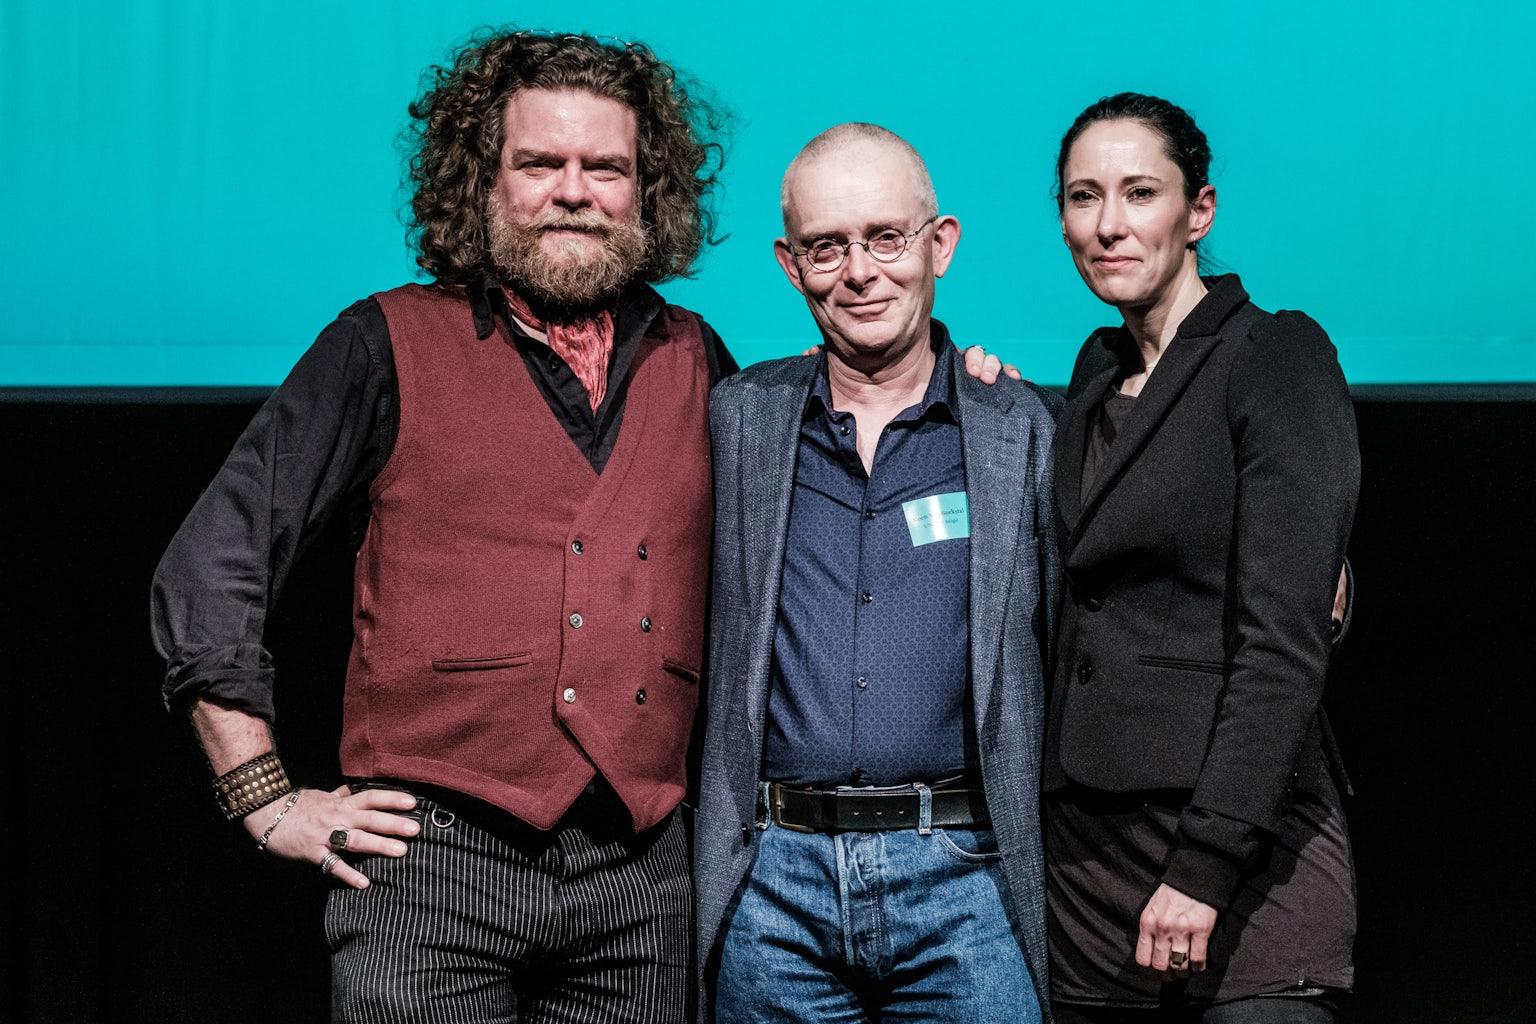 Jeroen Olyslaegers, Koen Van Bockstal en Saskia De Coster